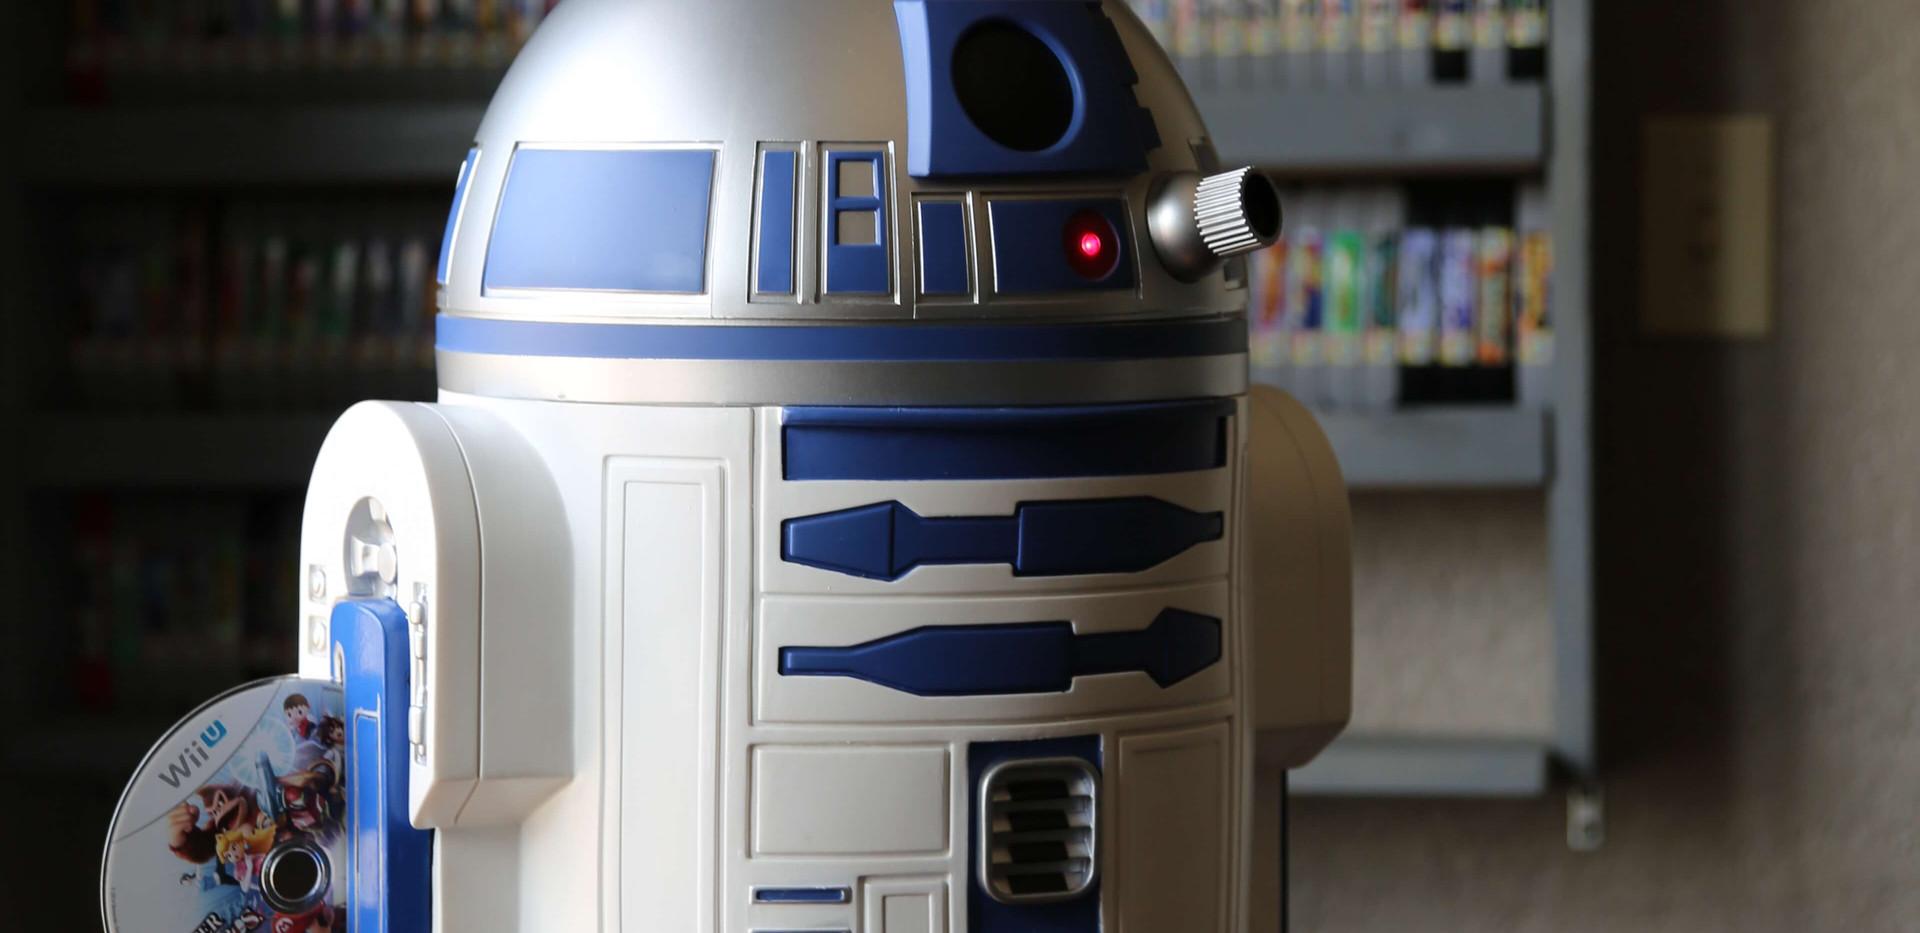 Wii-U-R2-D2-Star-Wars-6.JPG